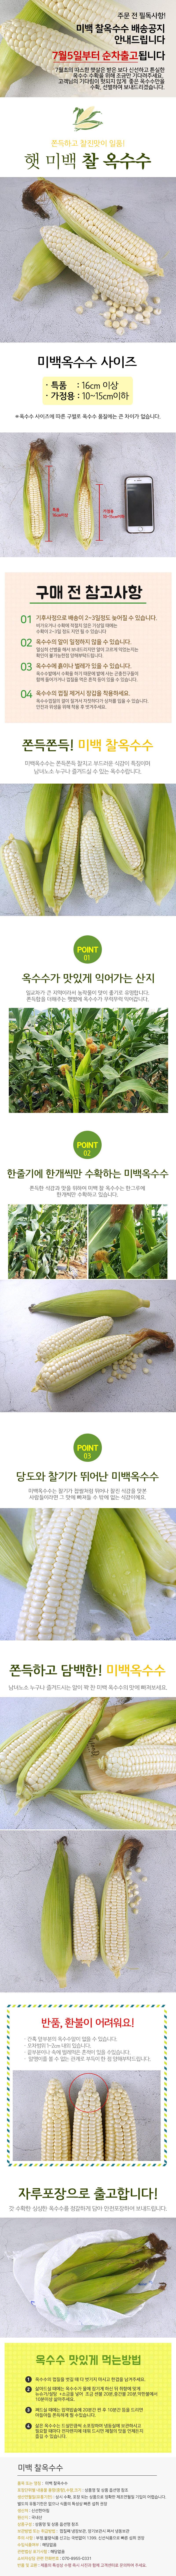 ND_corn.jpg